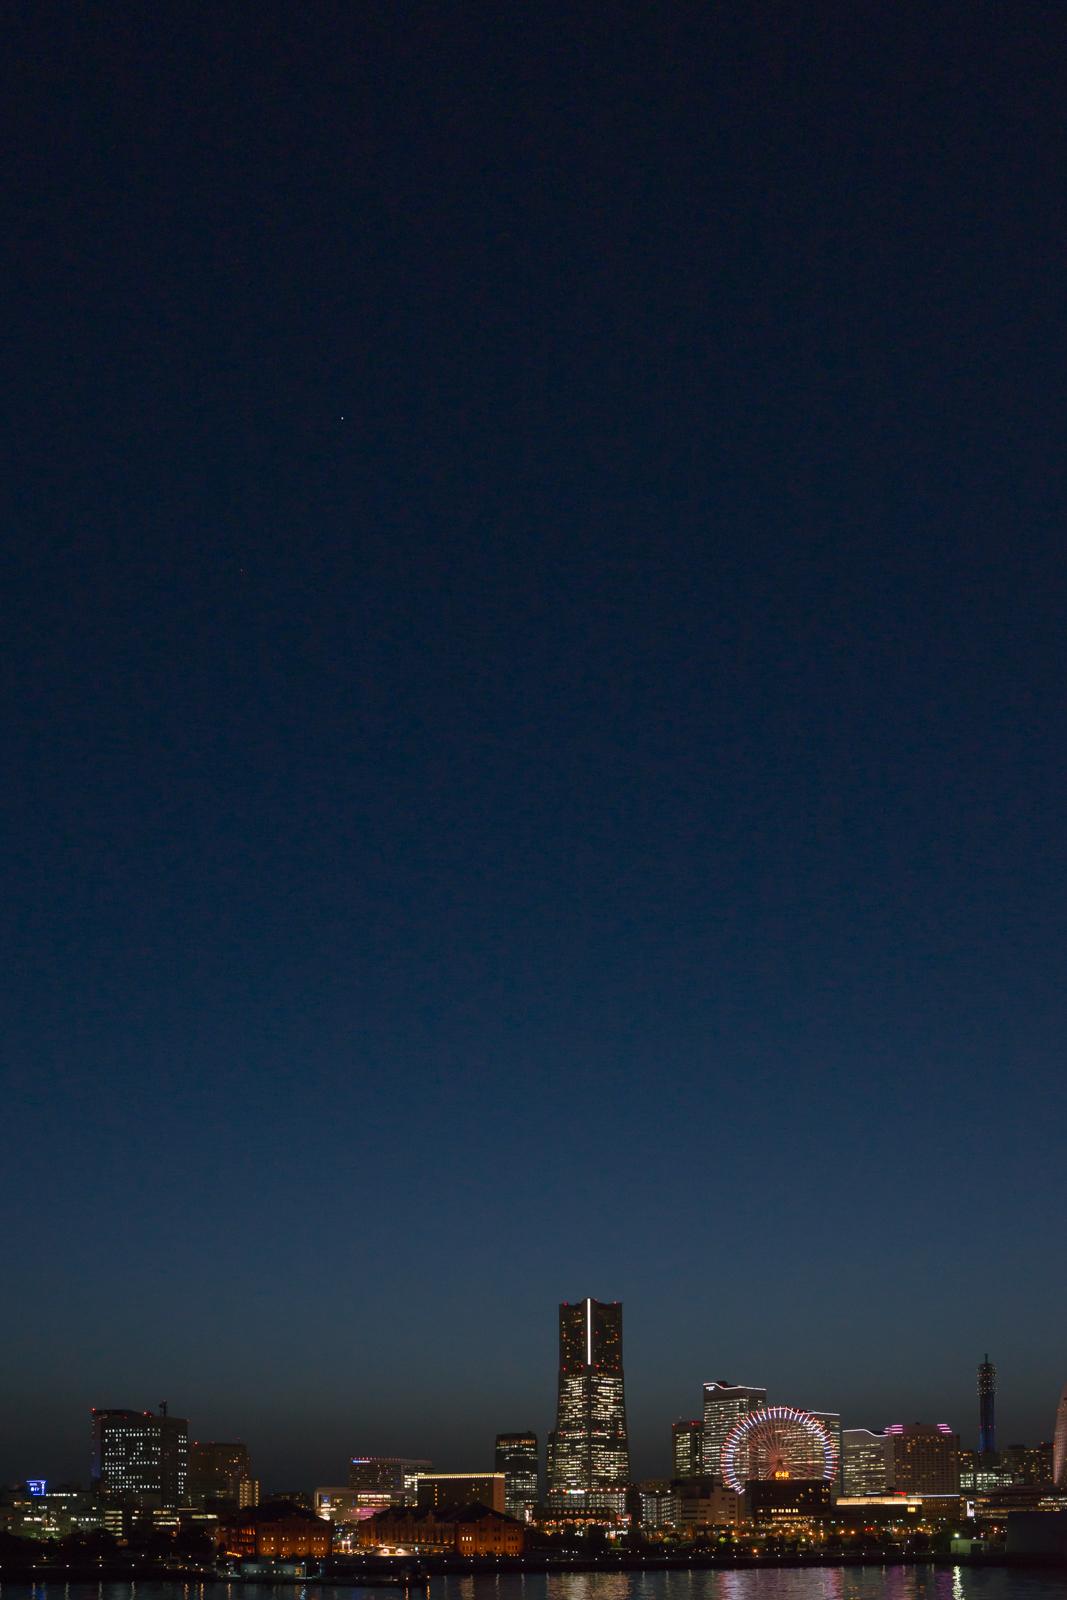 横浜、大さん橋にて手持ちで撮影した夜景写真 3